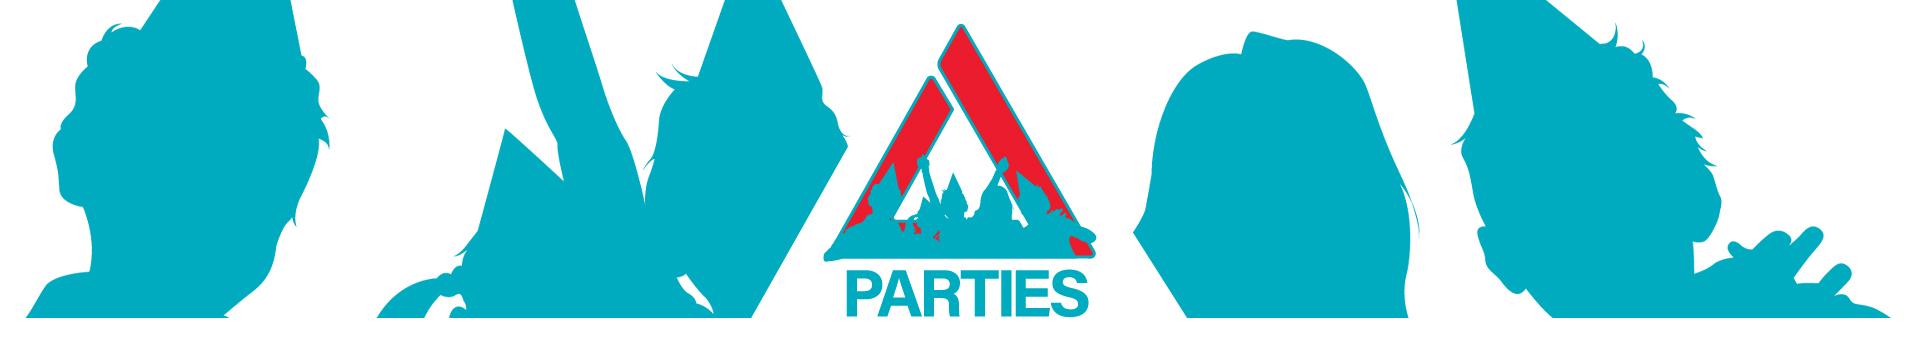 activekidz parties